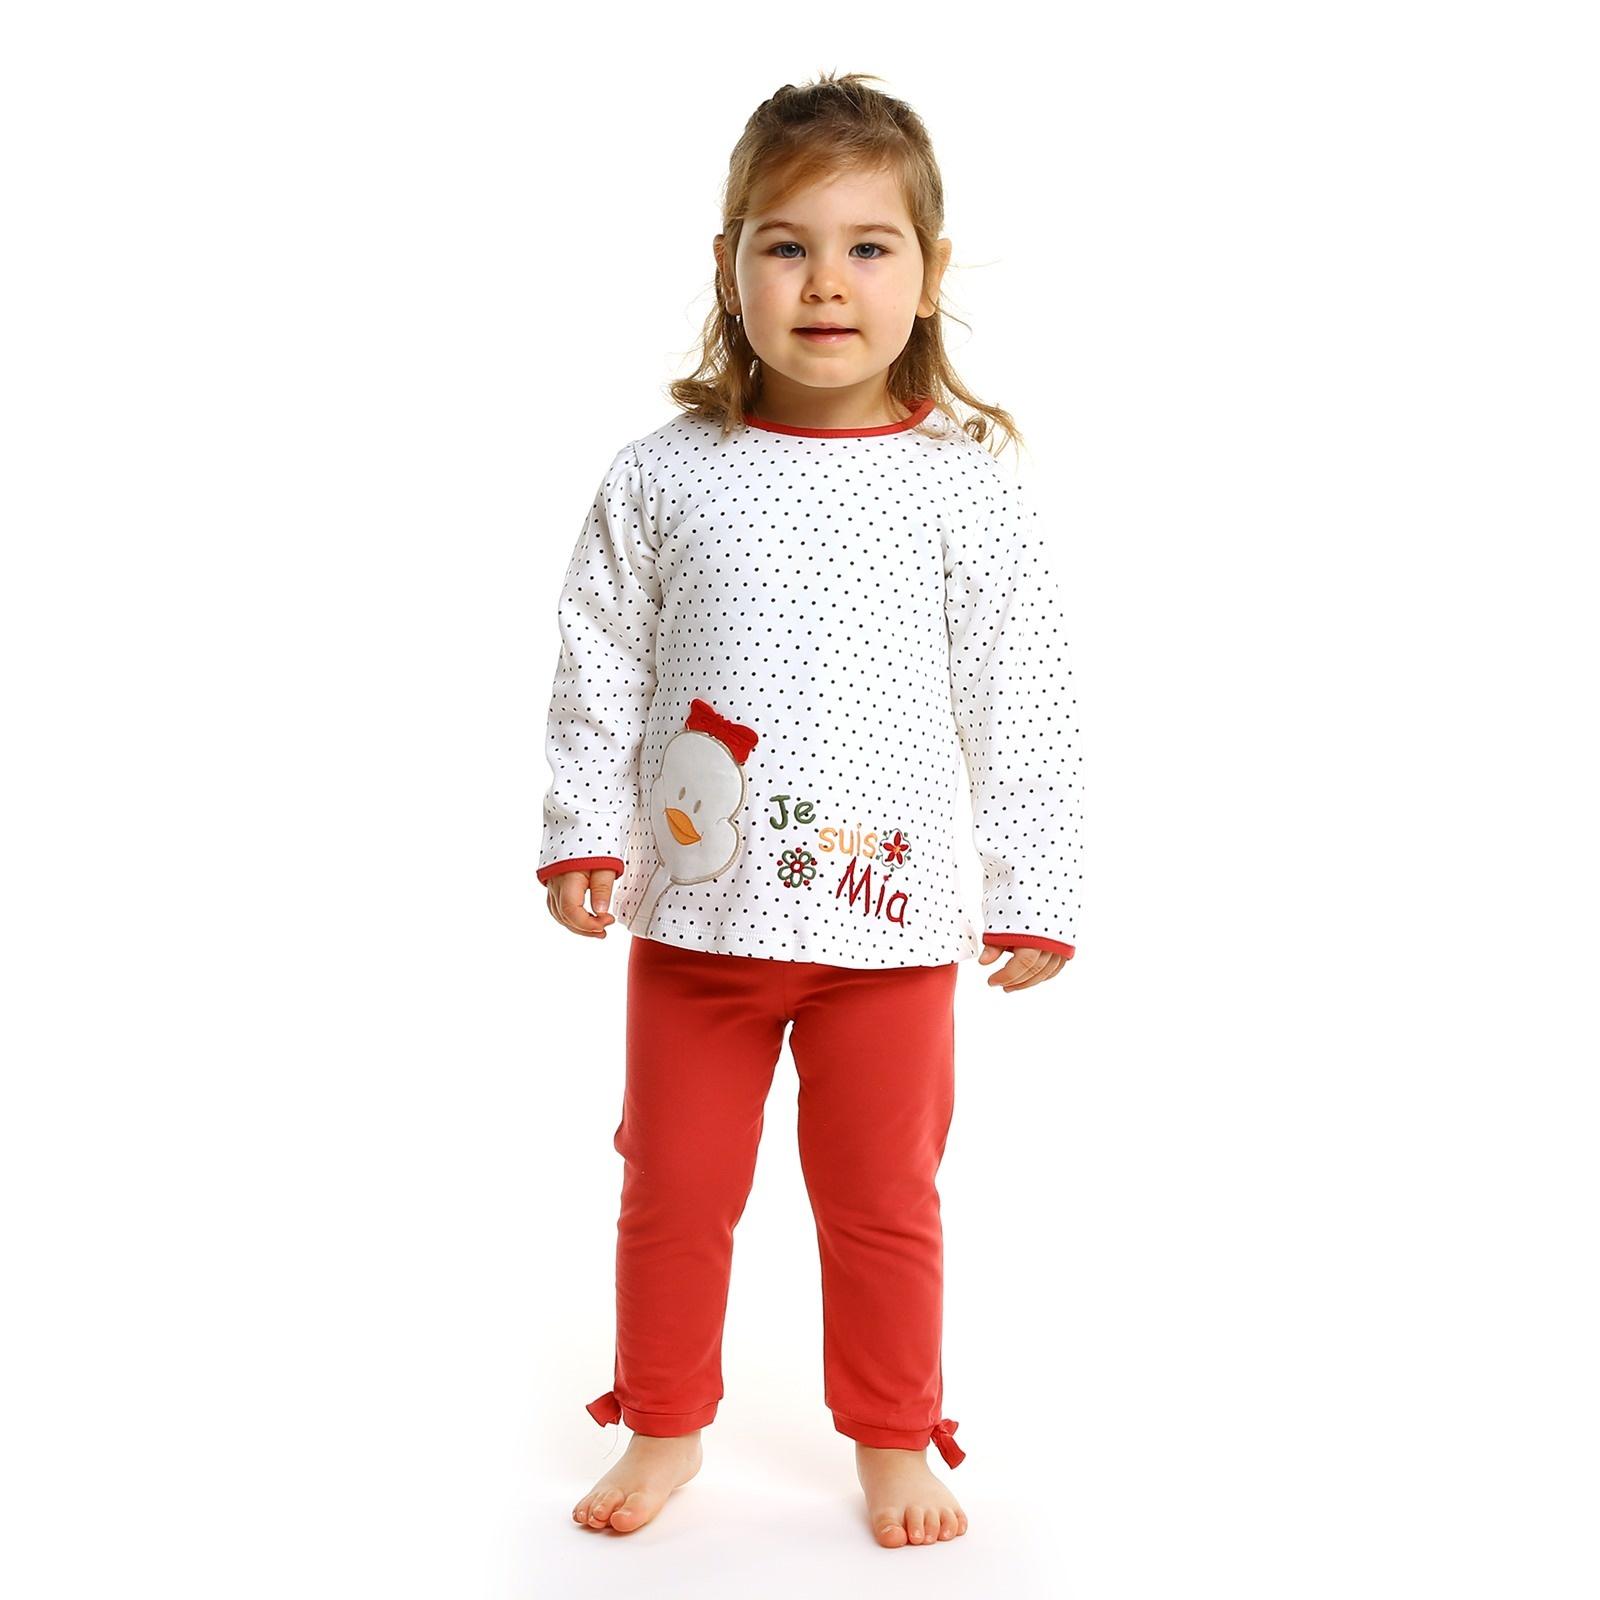 HelloBaby Ördek Tema Pijama Takımı - Kırmızı Ürün Resmi